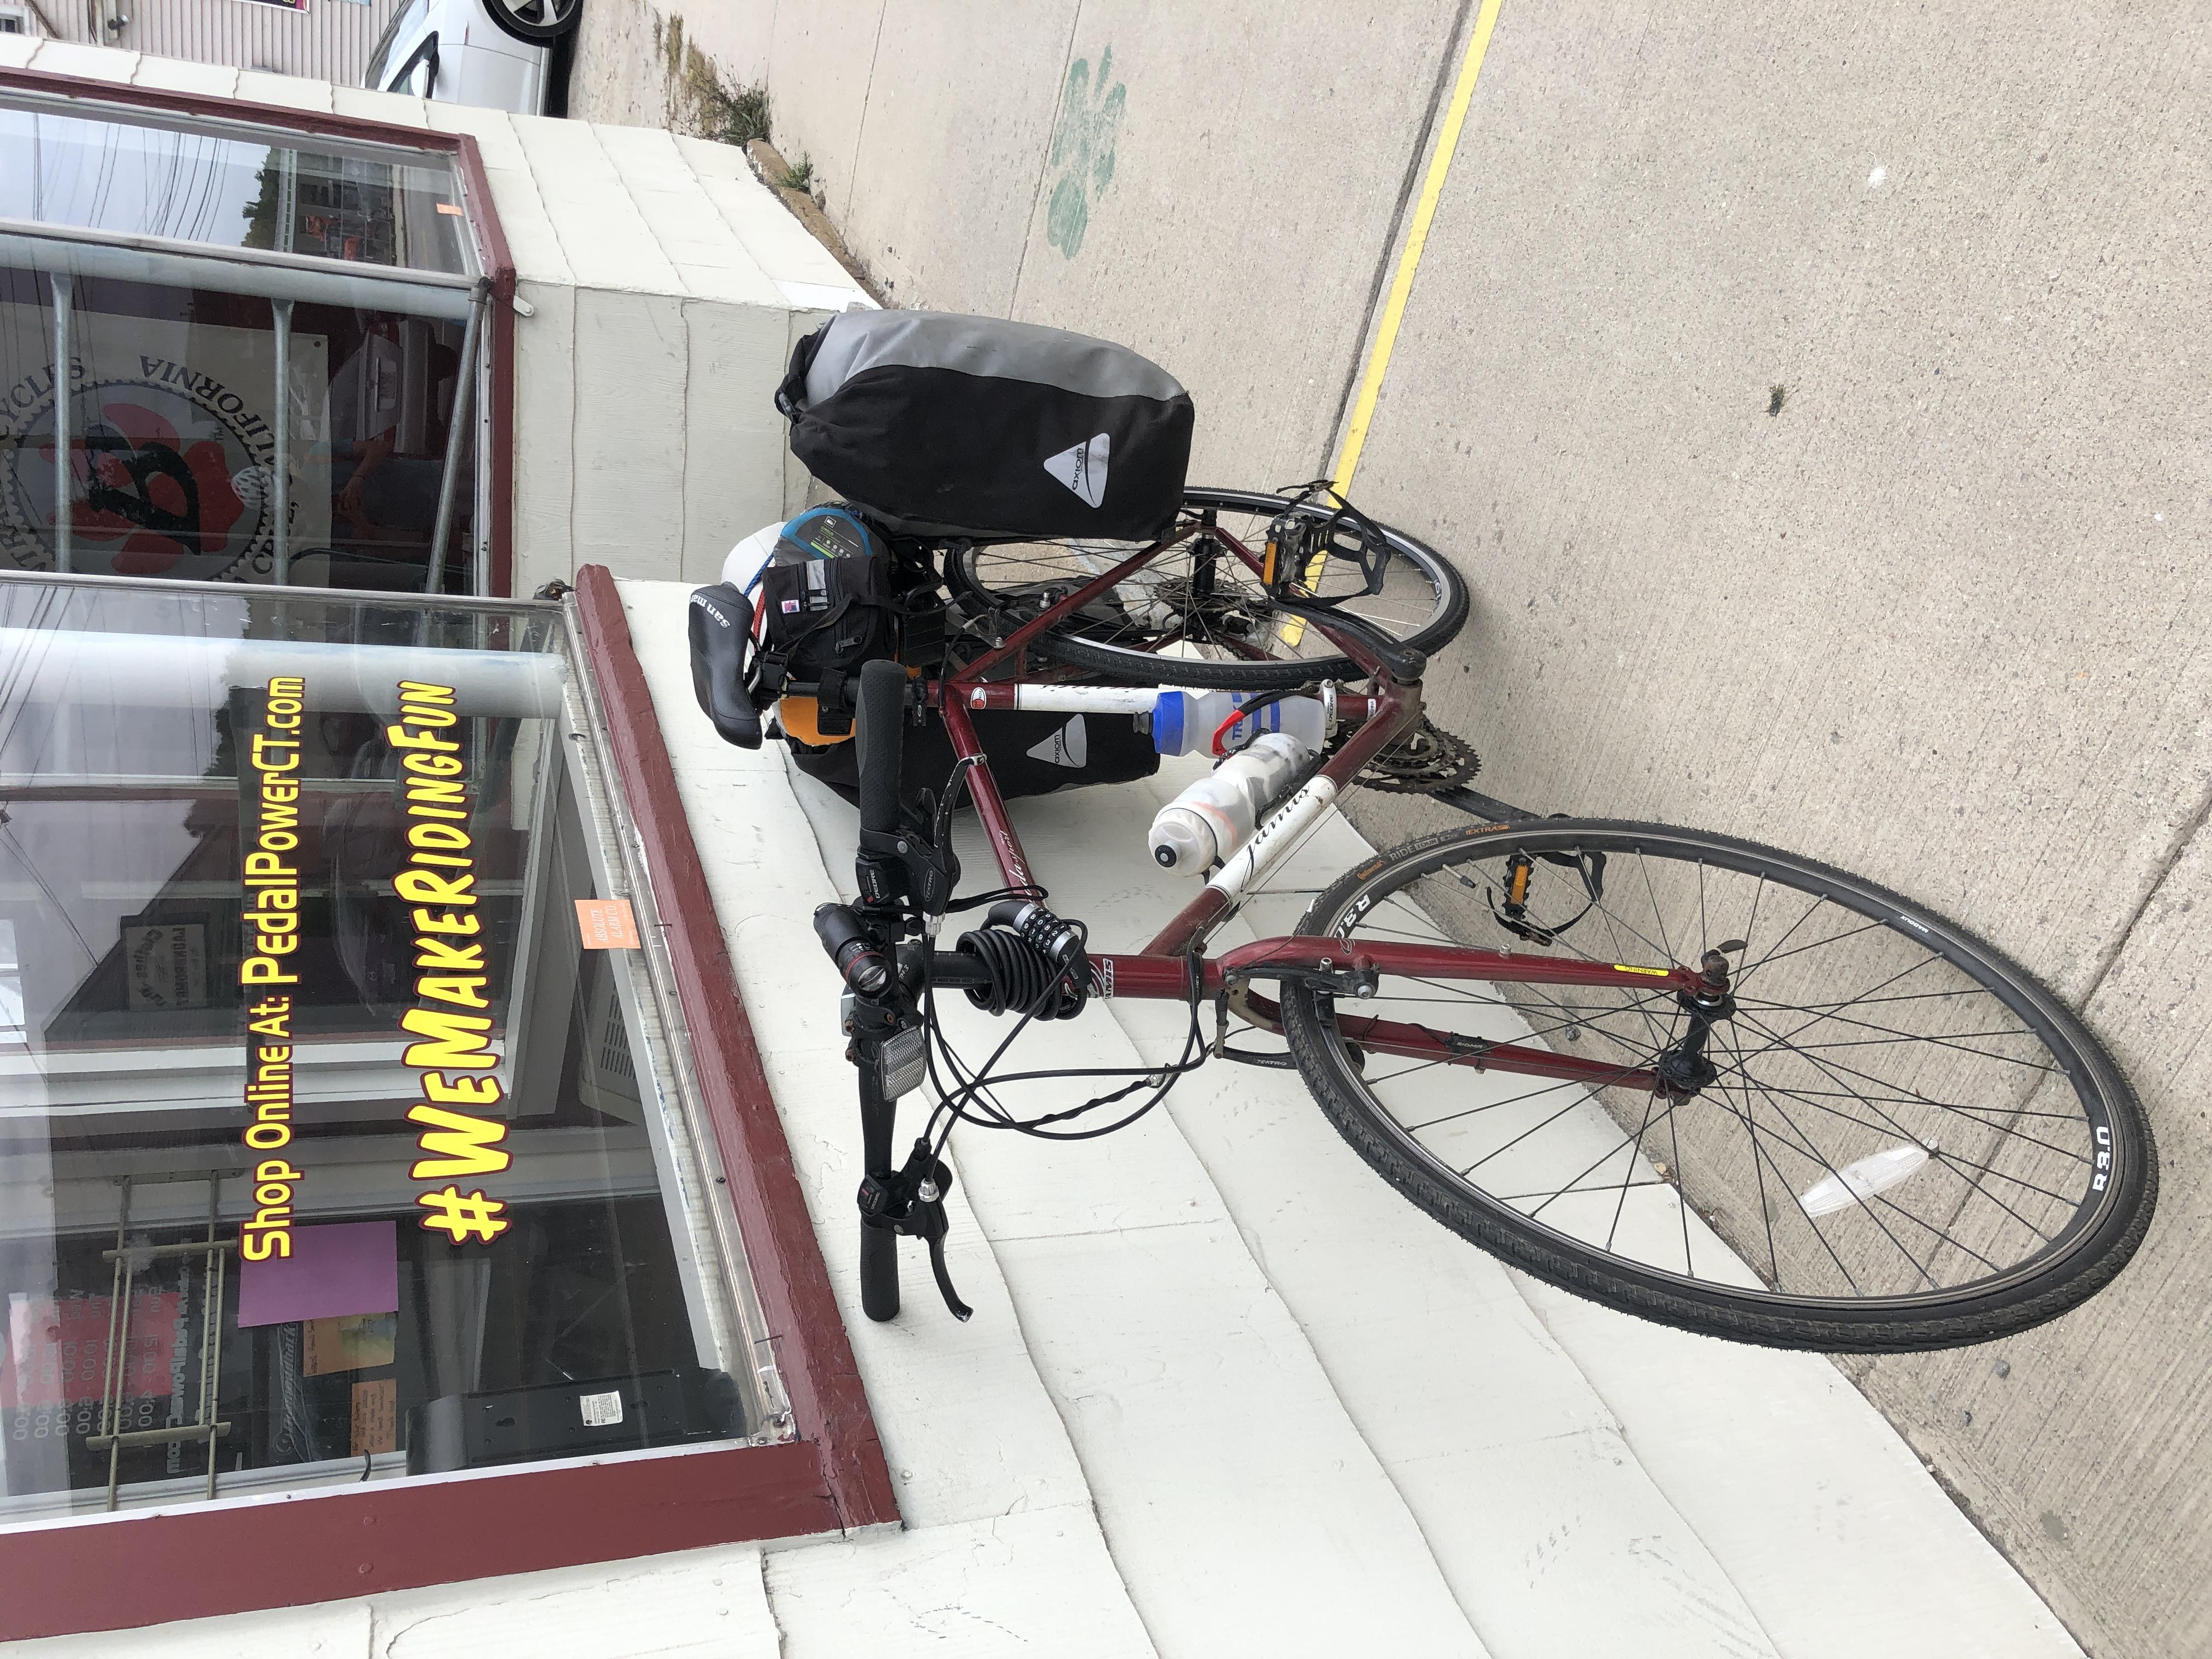 bike against the window of a bike shop